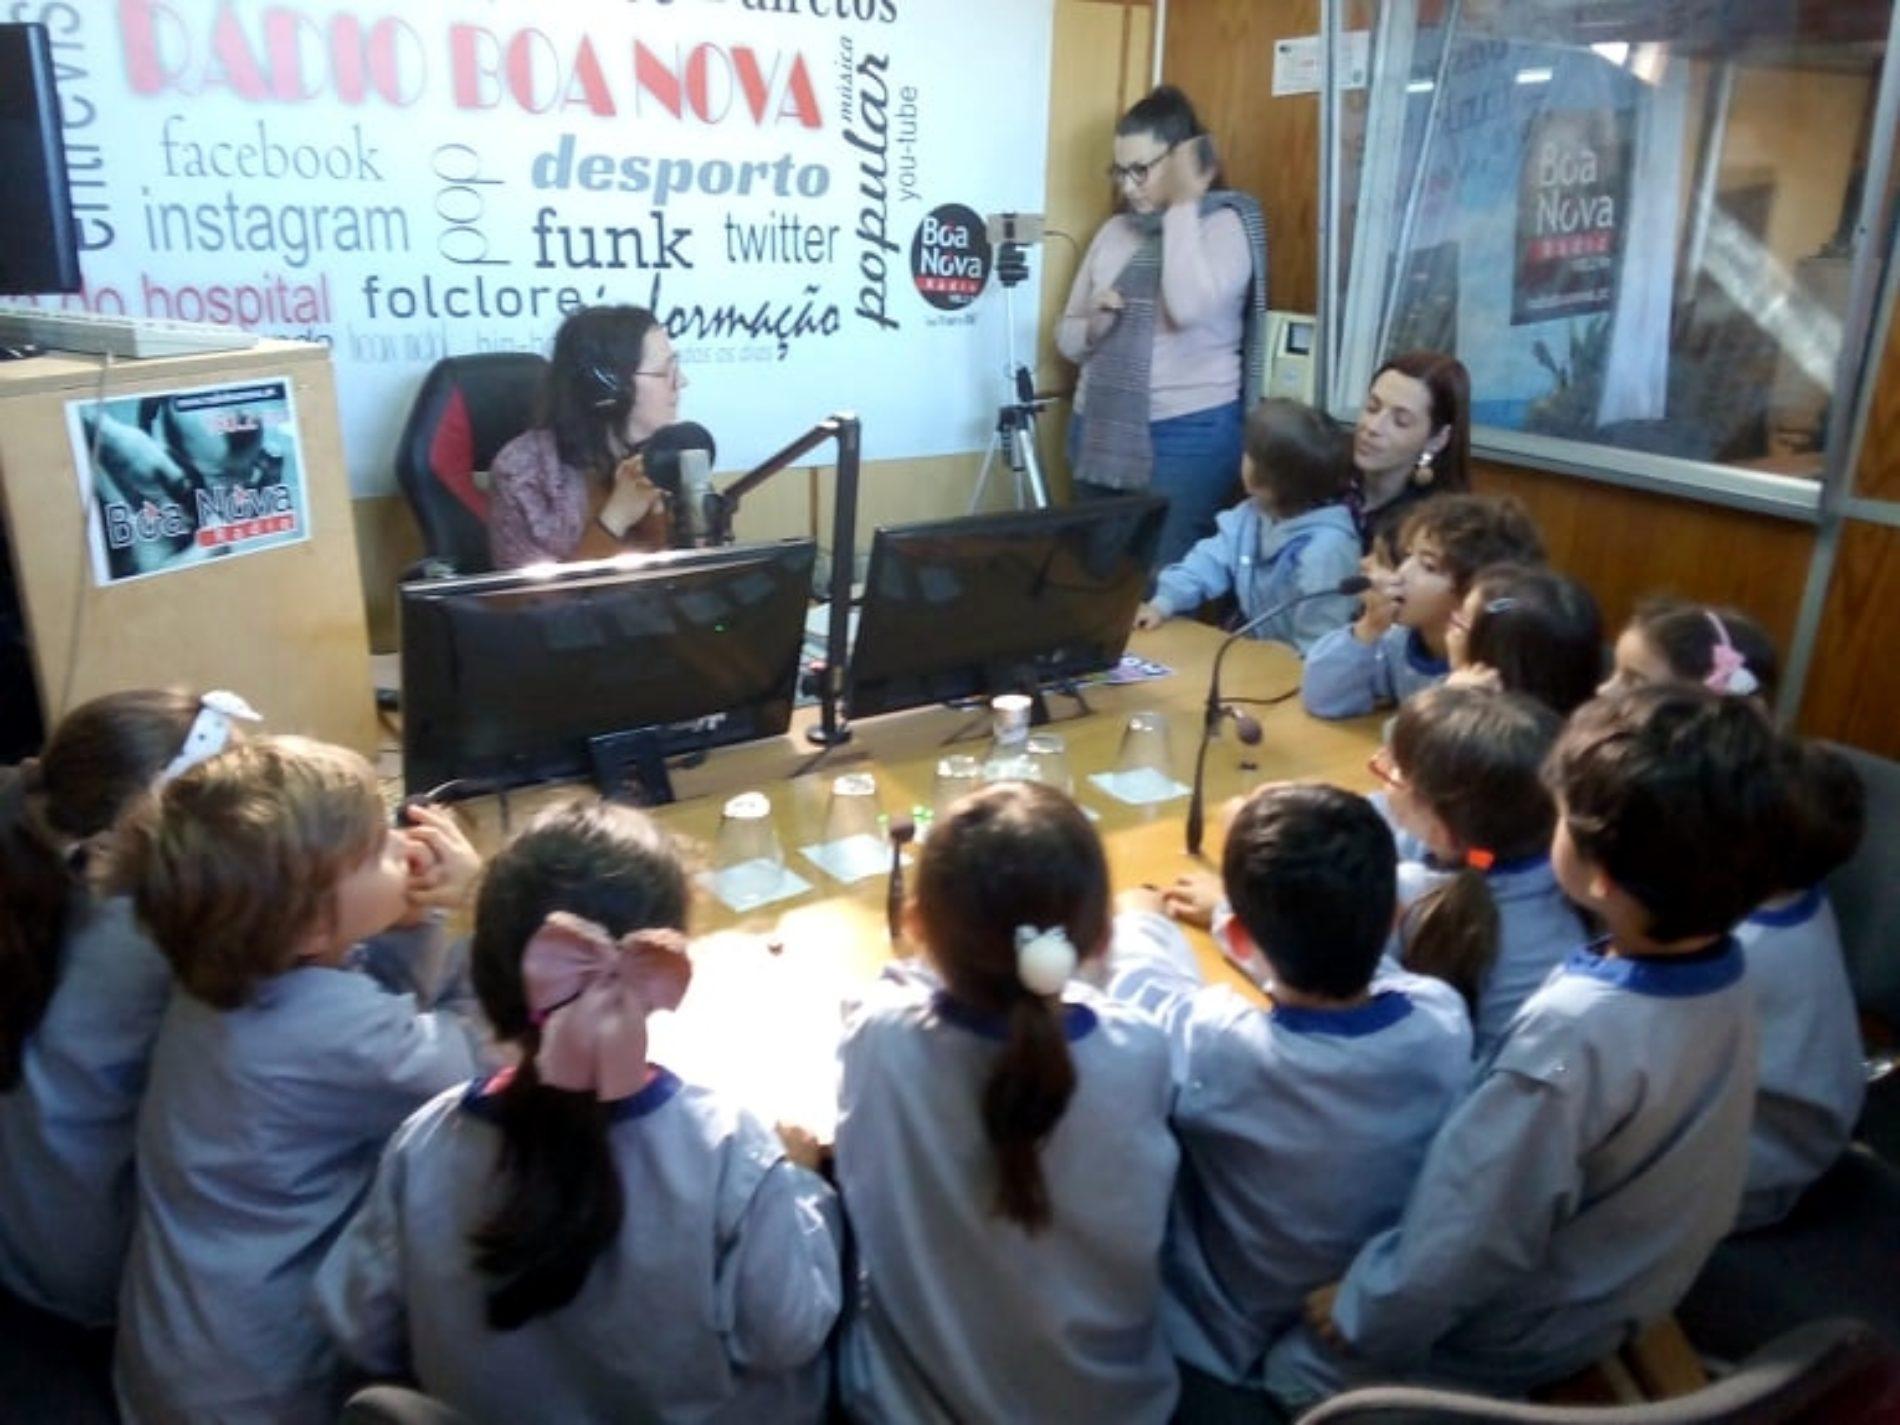 Crianças do Infantário da FAAD visitaram a Rádio Boa Nova no Dia de S. Valentim (com vídeo)